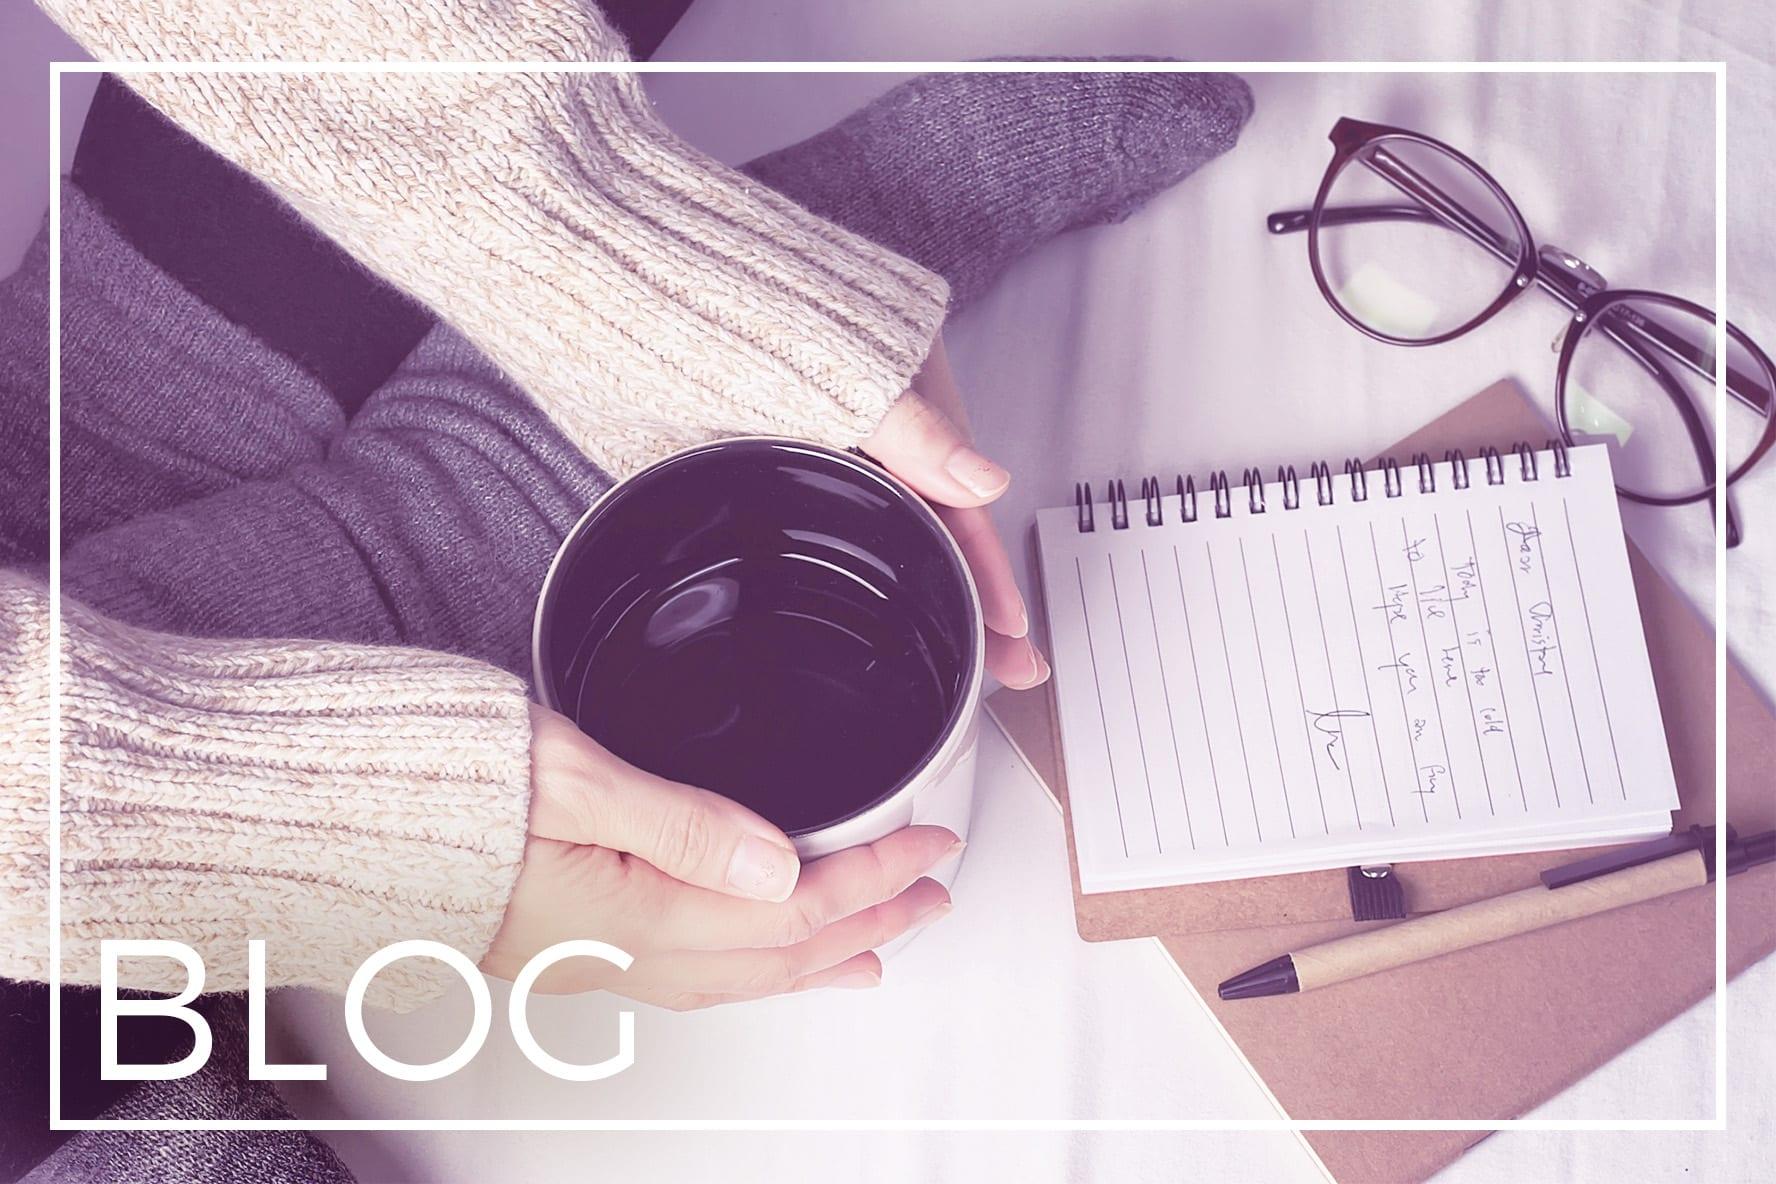 BLOG | Laura Kelly Fanucci